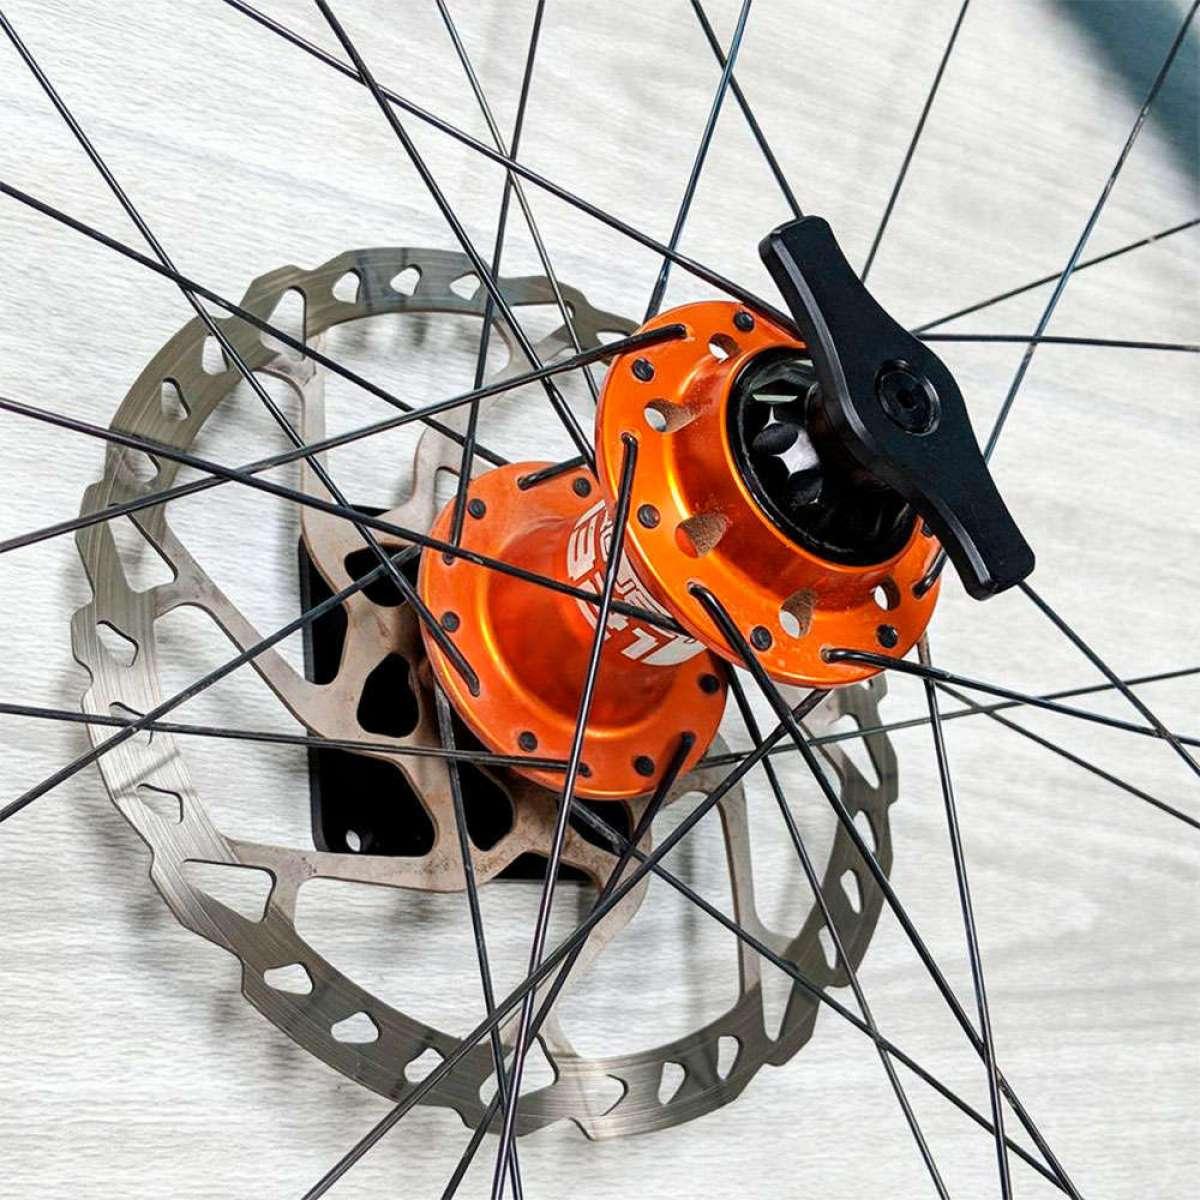 Lindarets Thru Axle Wheel Mount, un soporte para presumir de ruedas en las paredes de casa